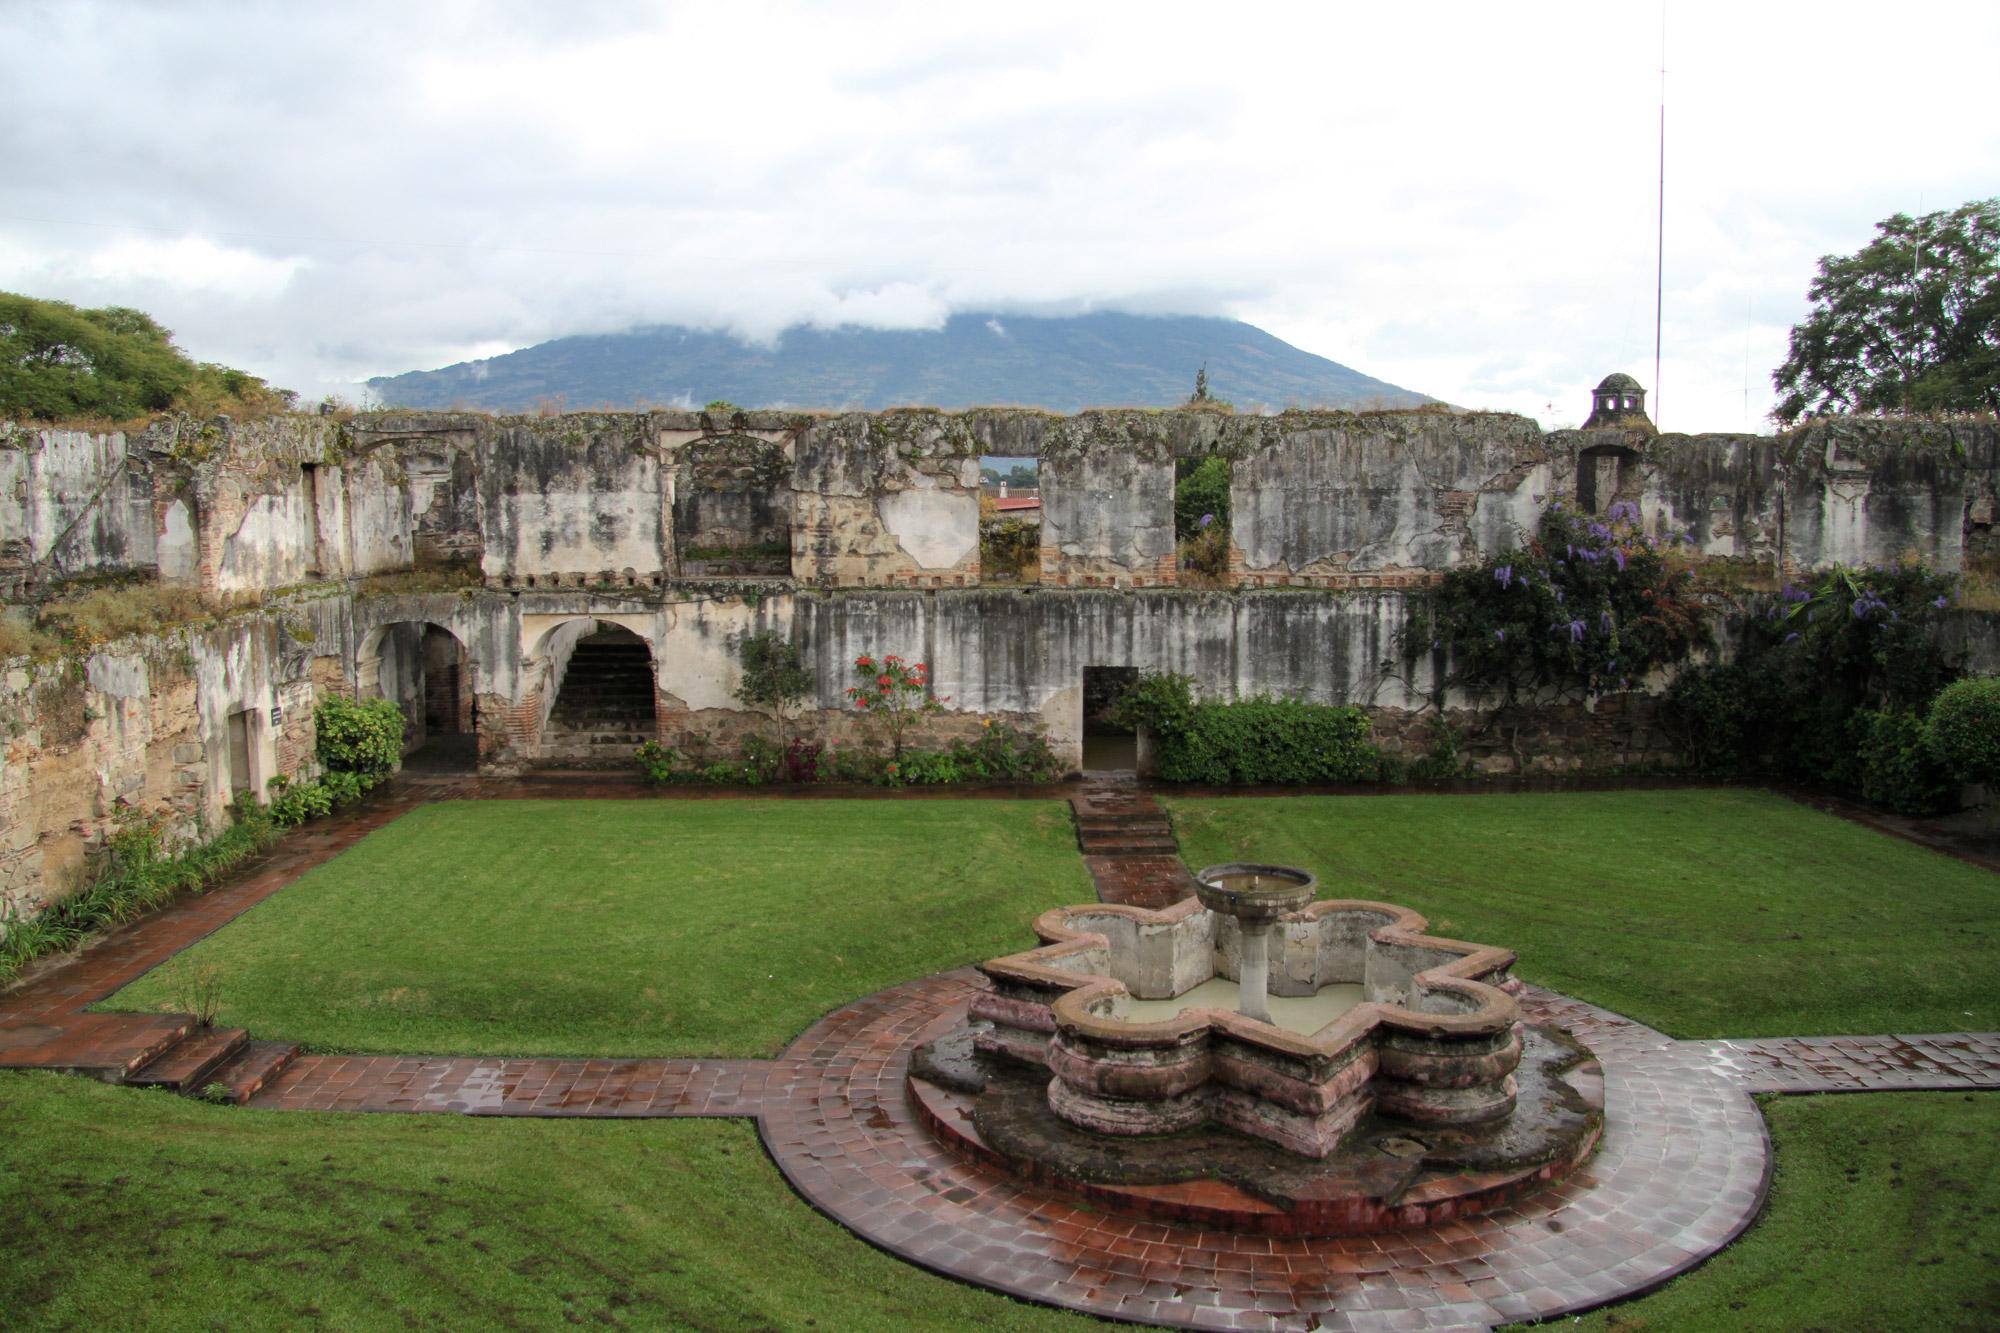 Guatemala 2015 - dag 5 - De ruïnes van Colegio de San Jeronimo in Antigua